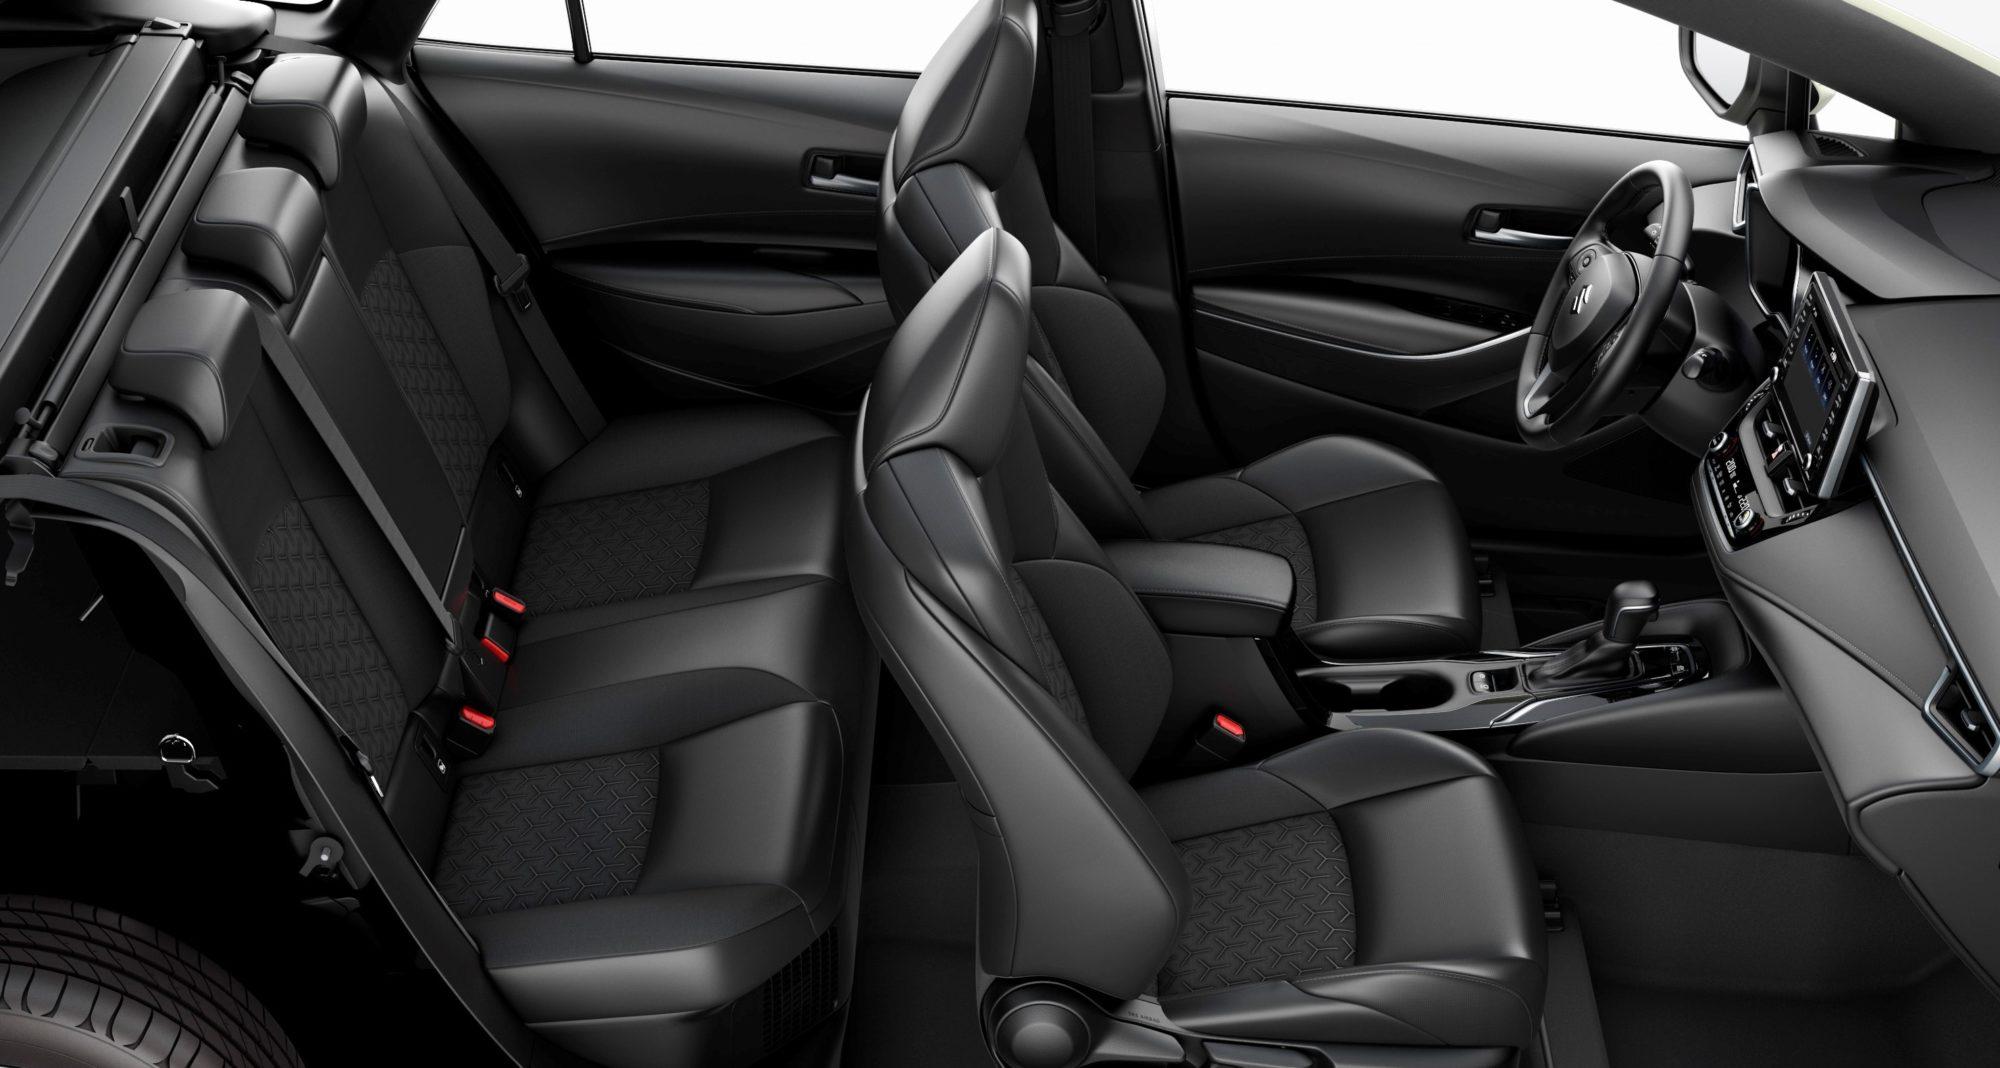 Suzuki Swace 2020 - Cabin